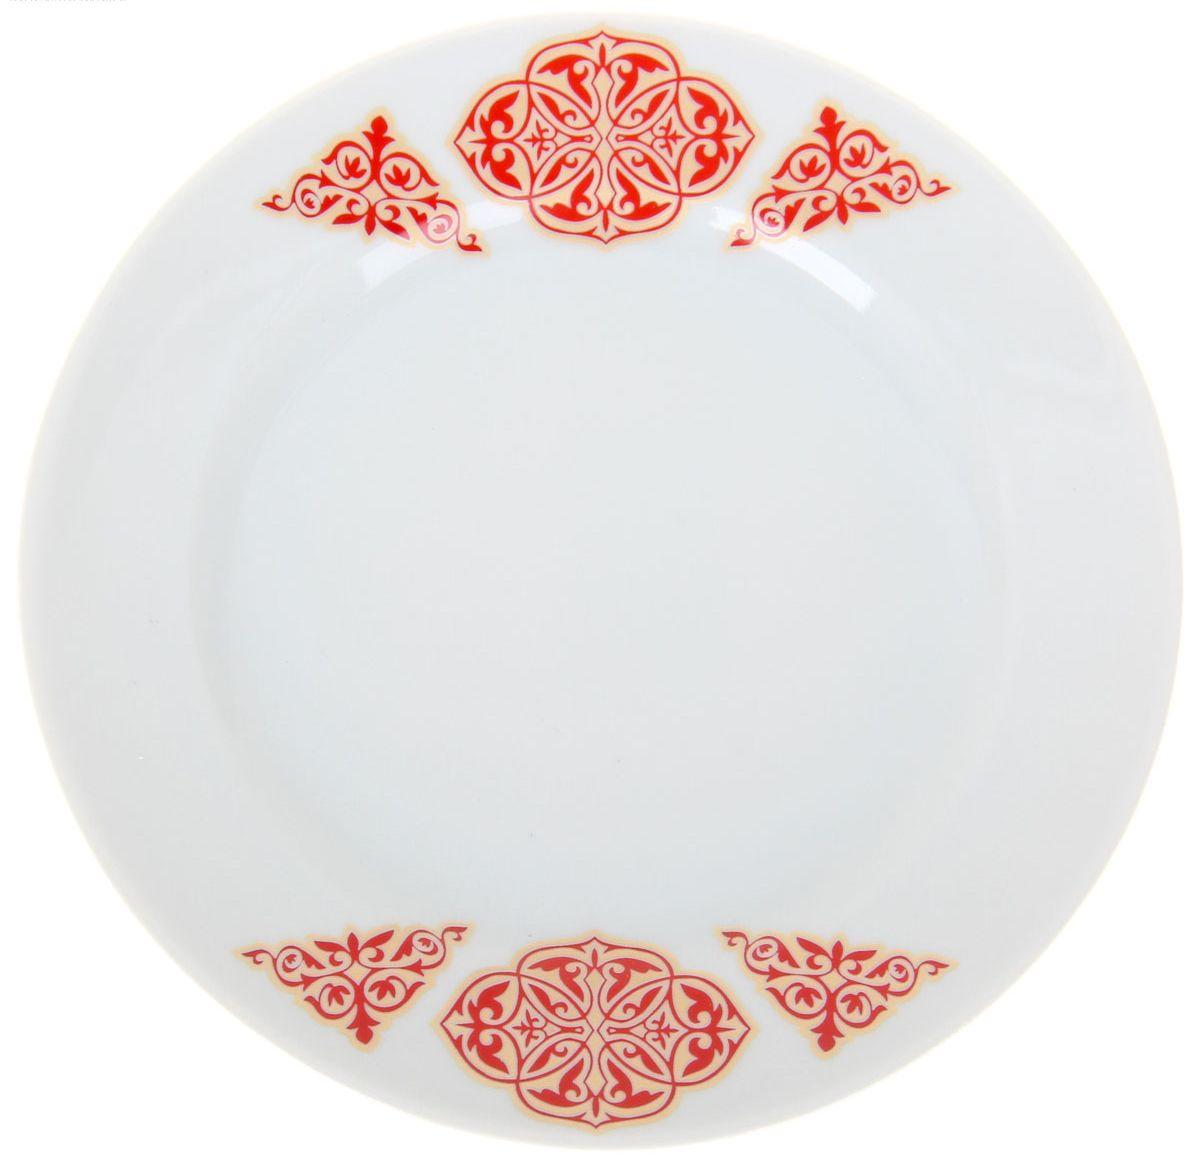 Тарелка мелкая Идиллия. Восточный, диаметр 17 см1224522